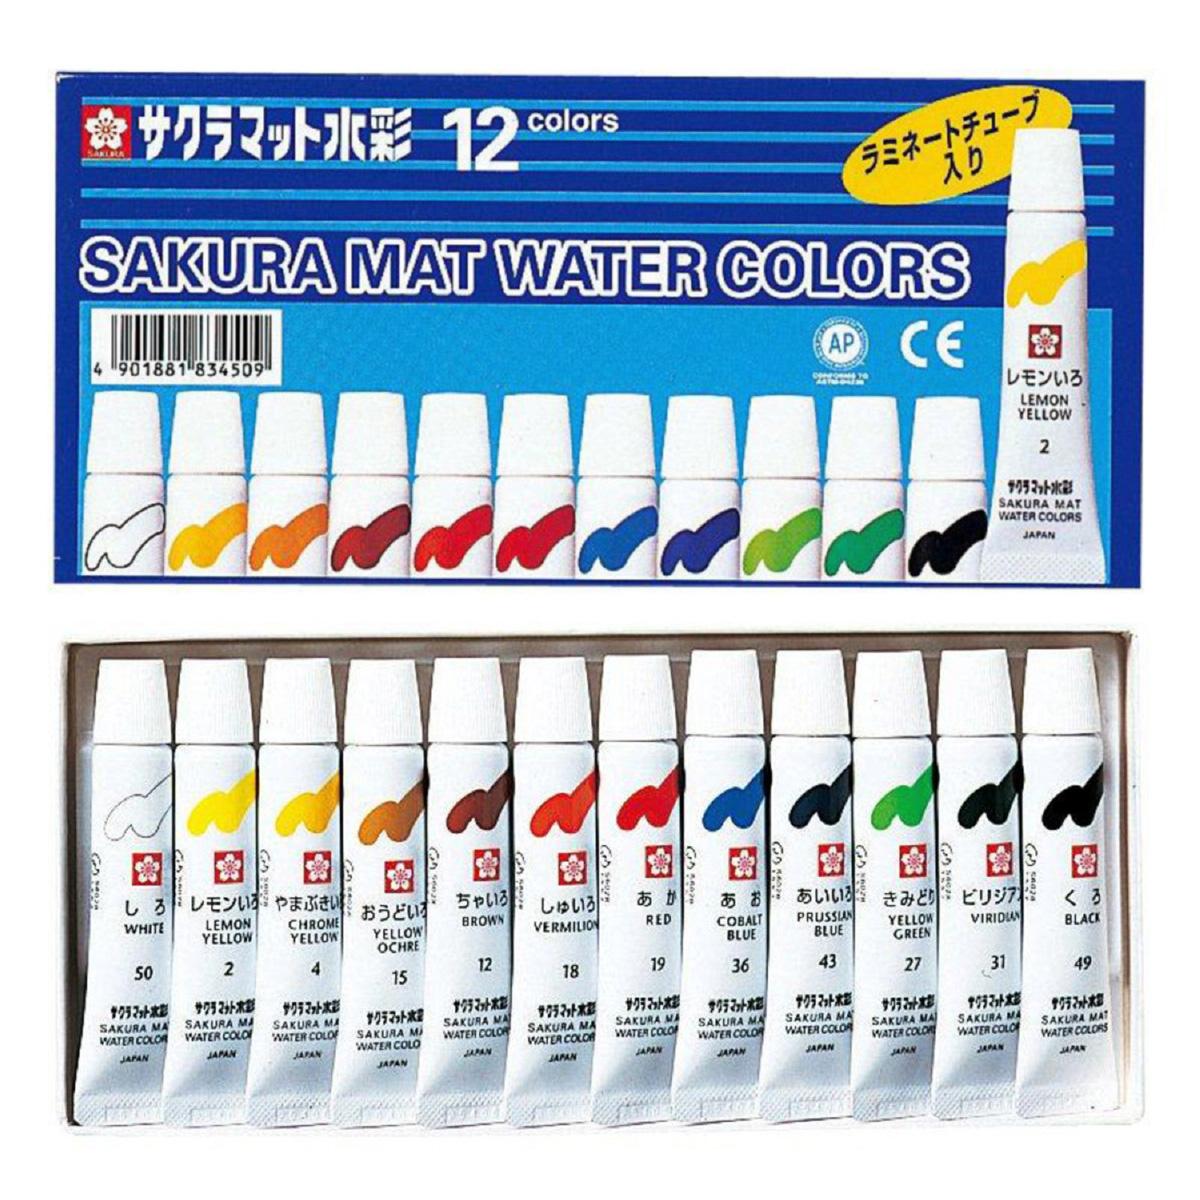 サクラマット水彩ラミネートチューブ 5cc 12色 絵具 水彩 水彩絵の具 画材 美術 図工 絵 クリスマスプレゼント